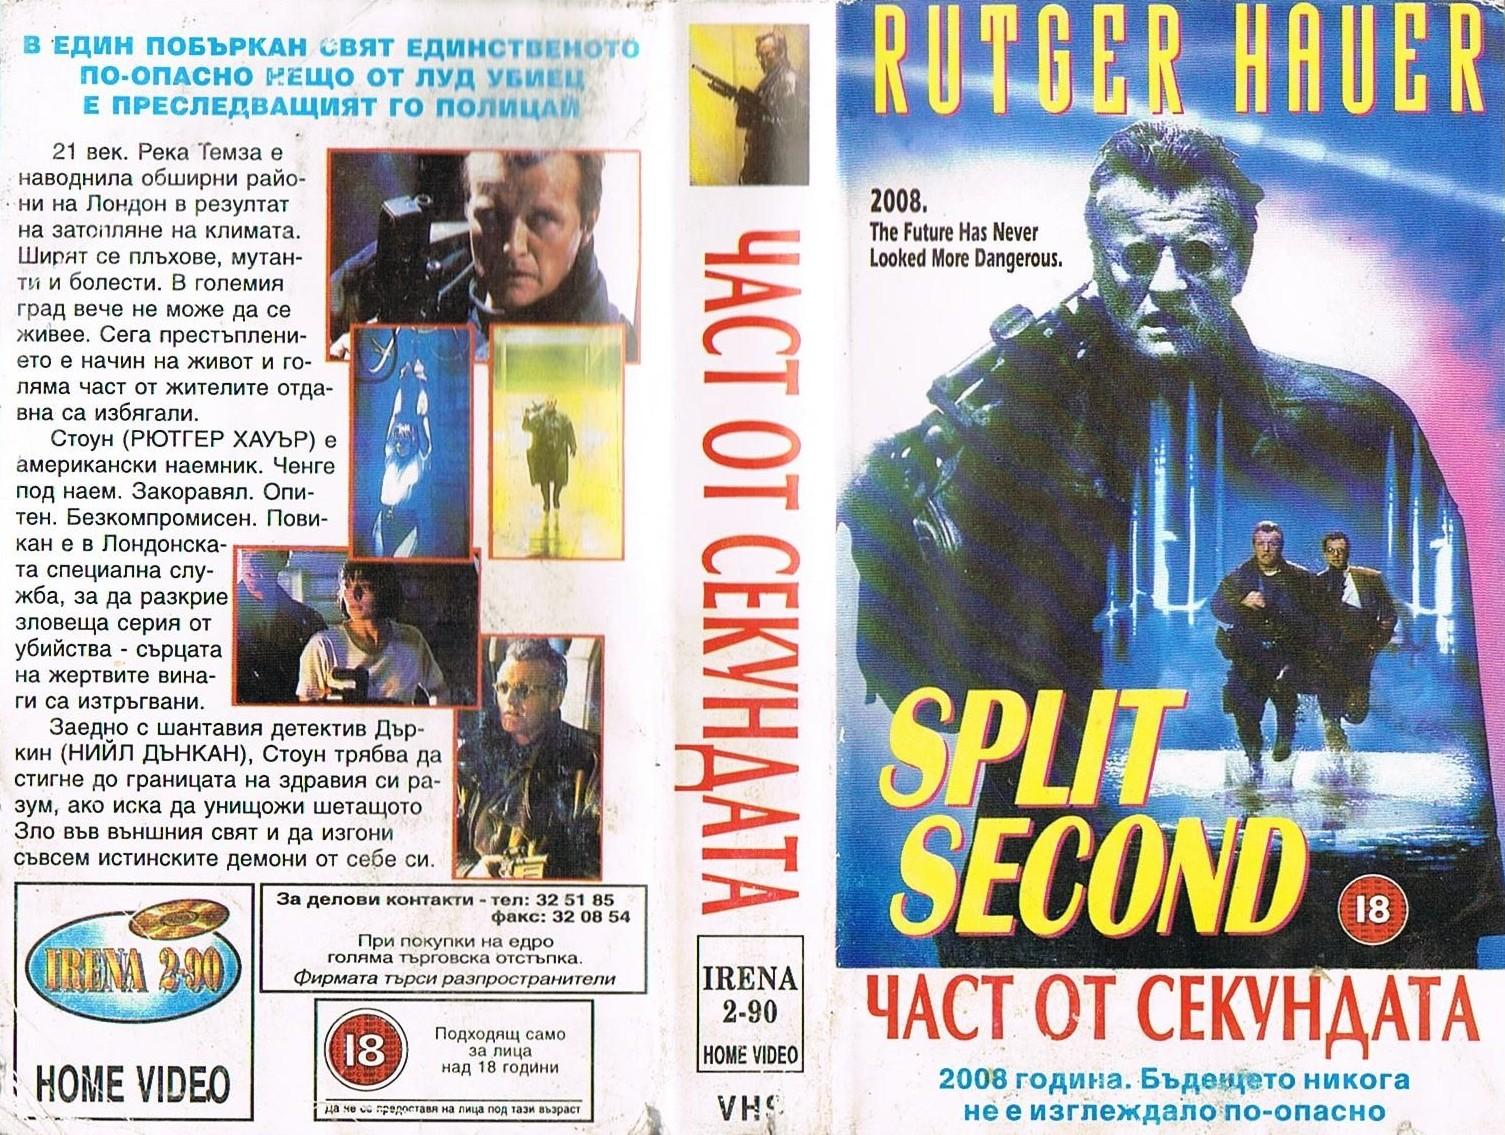 Част от секундата рутгер хауер